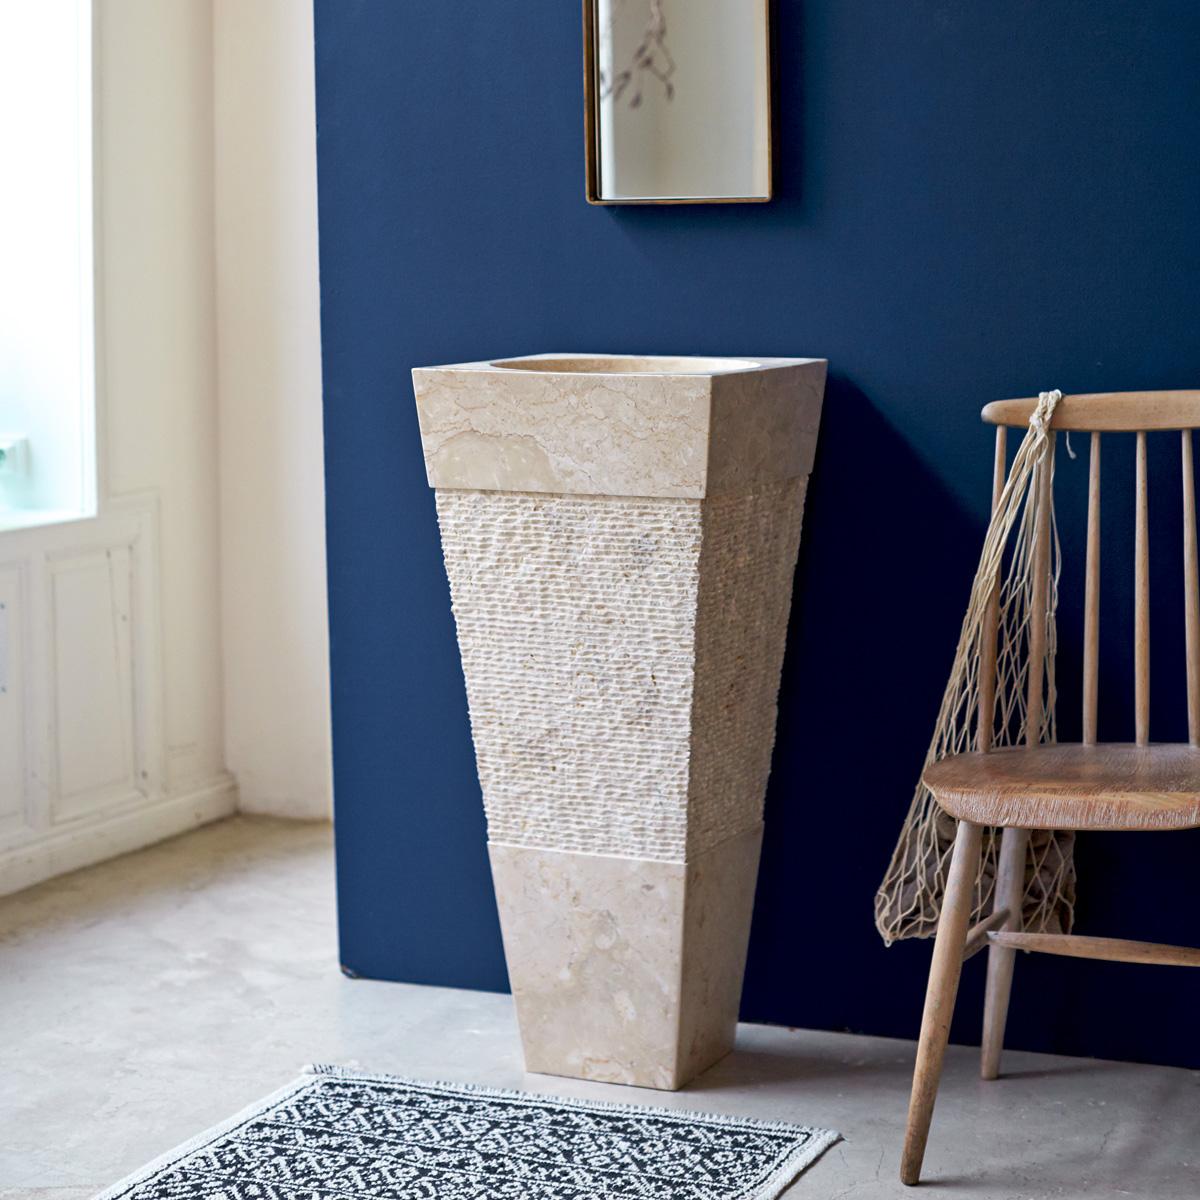 Lavandino Bagno Con Piede lavabi a colonna in pietra naturale – lavandino in marmo